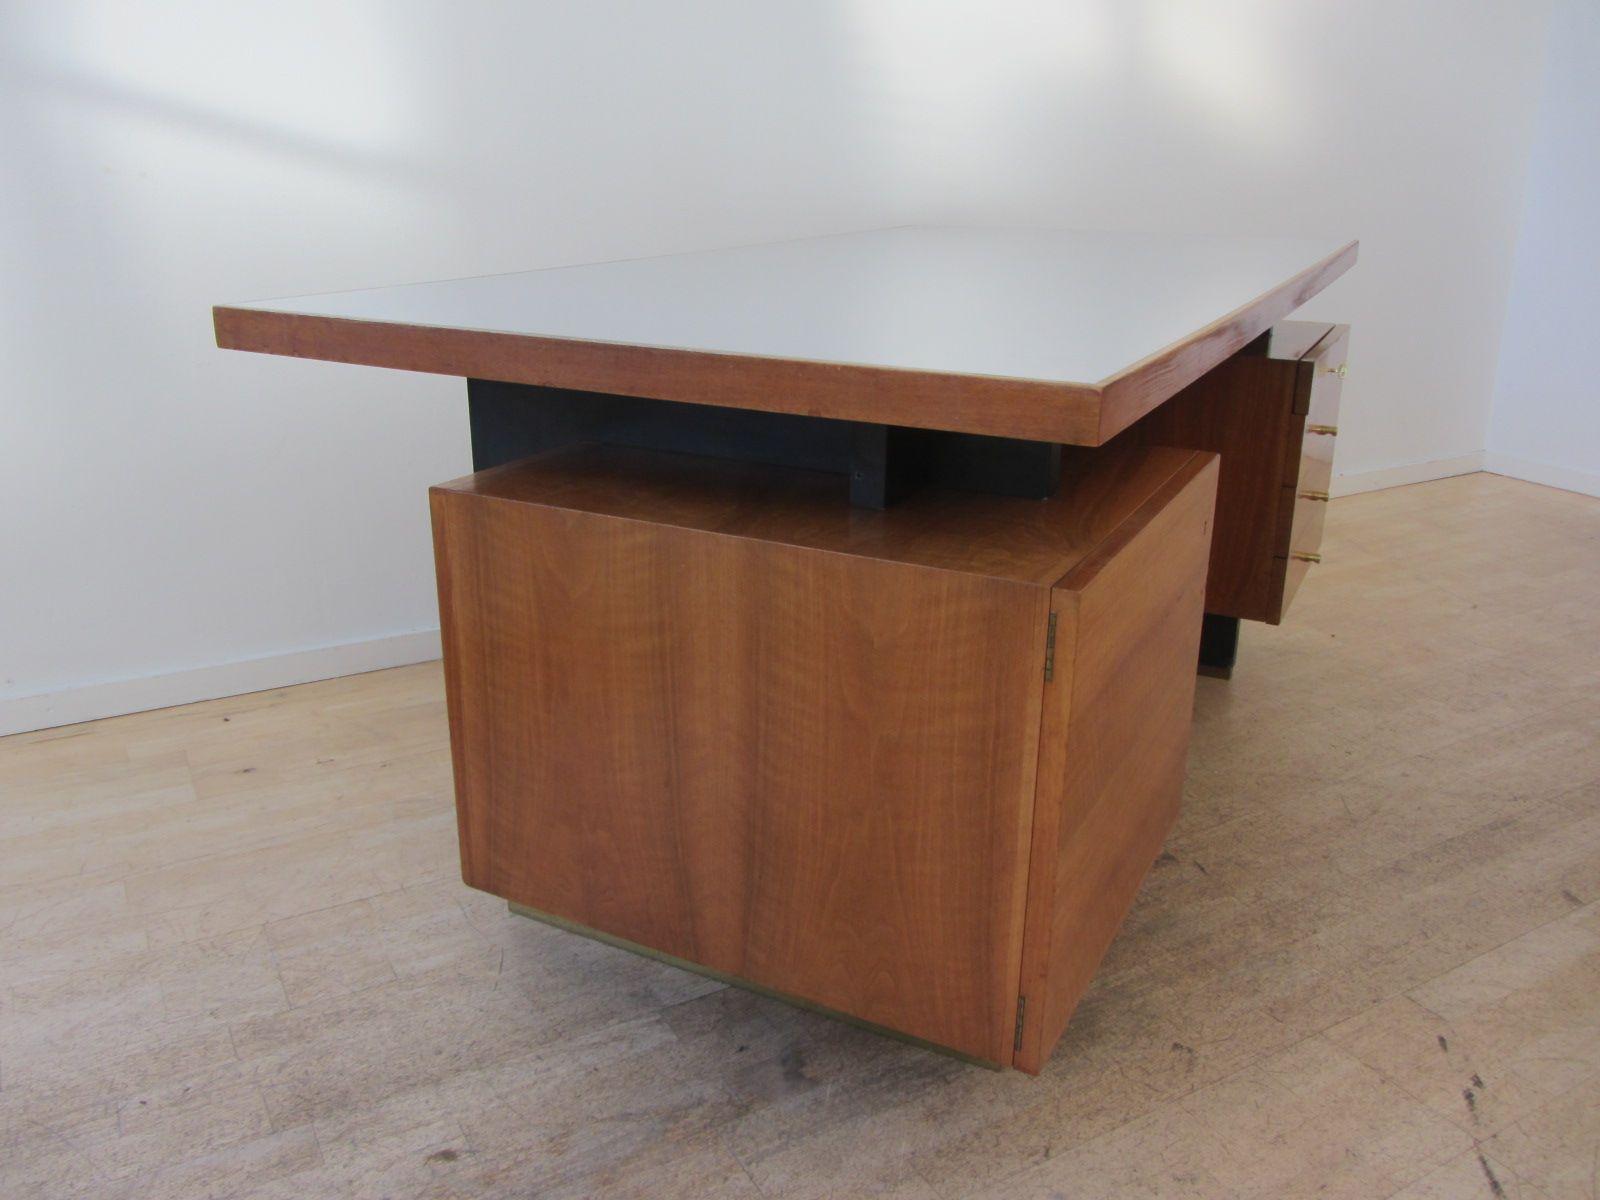 vintage schreibtisch von jos de mey f r van den berghe pauvers 1958 bei pamono kaufen. Black Bedroom Furniture Sets. Home Design Ideas